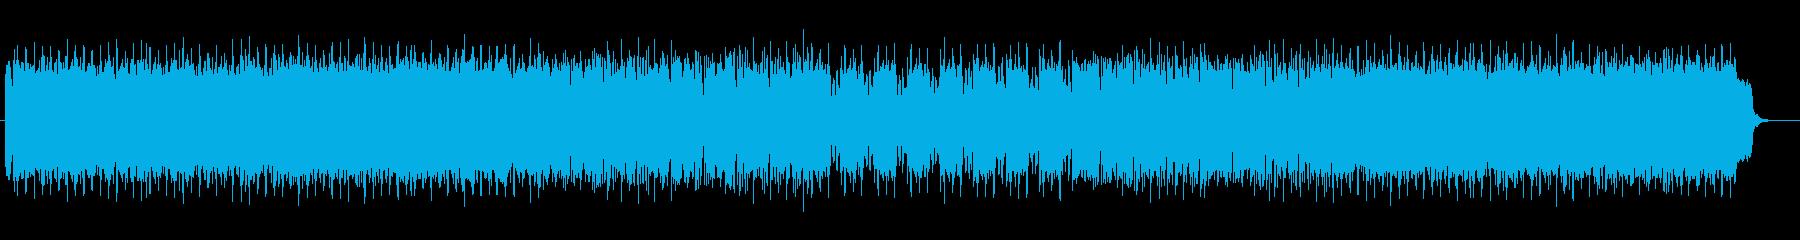 アップテンポのテクノミュージックの再生済みの波形